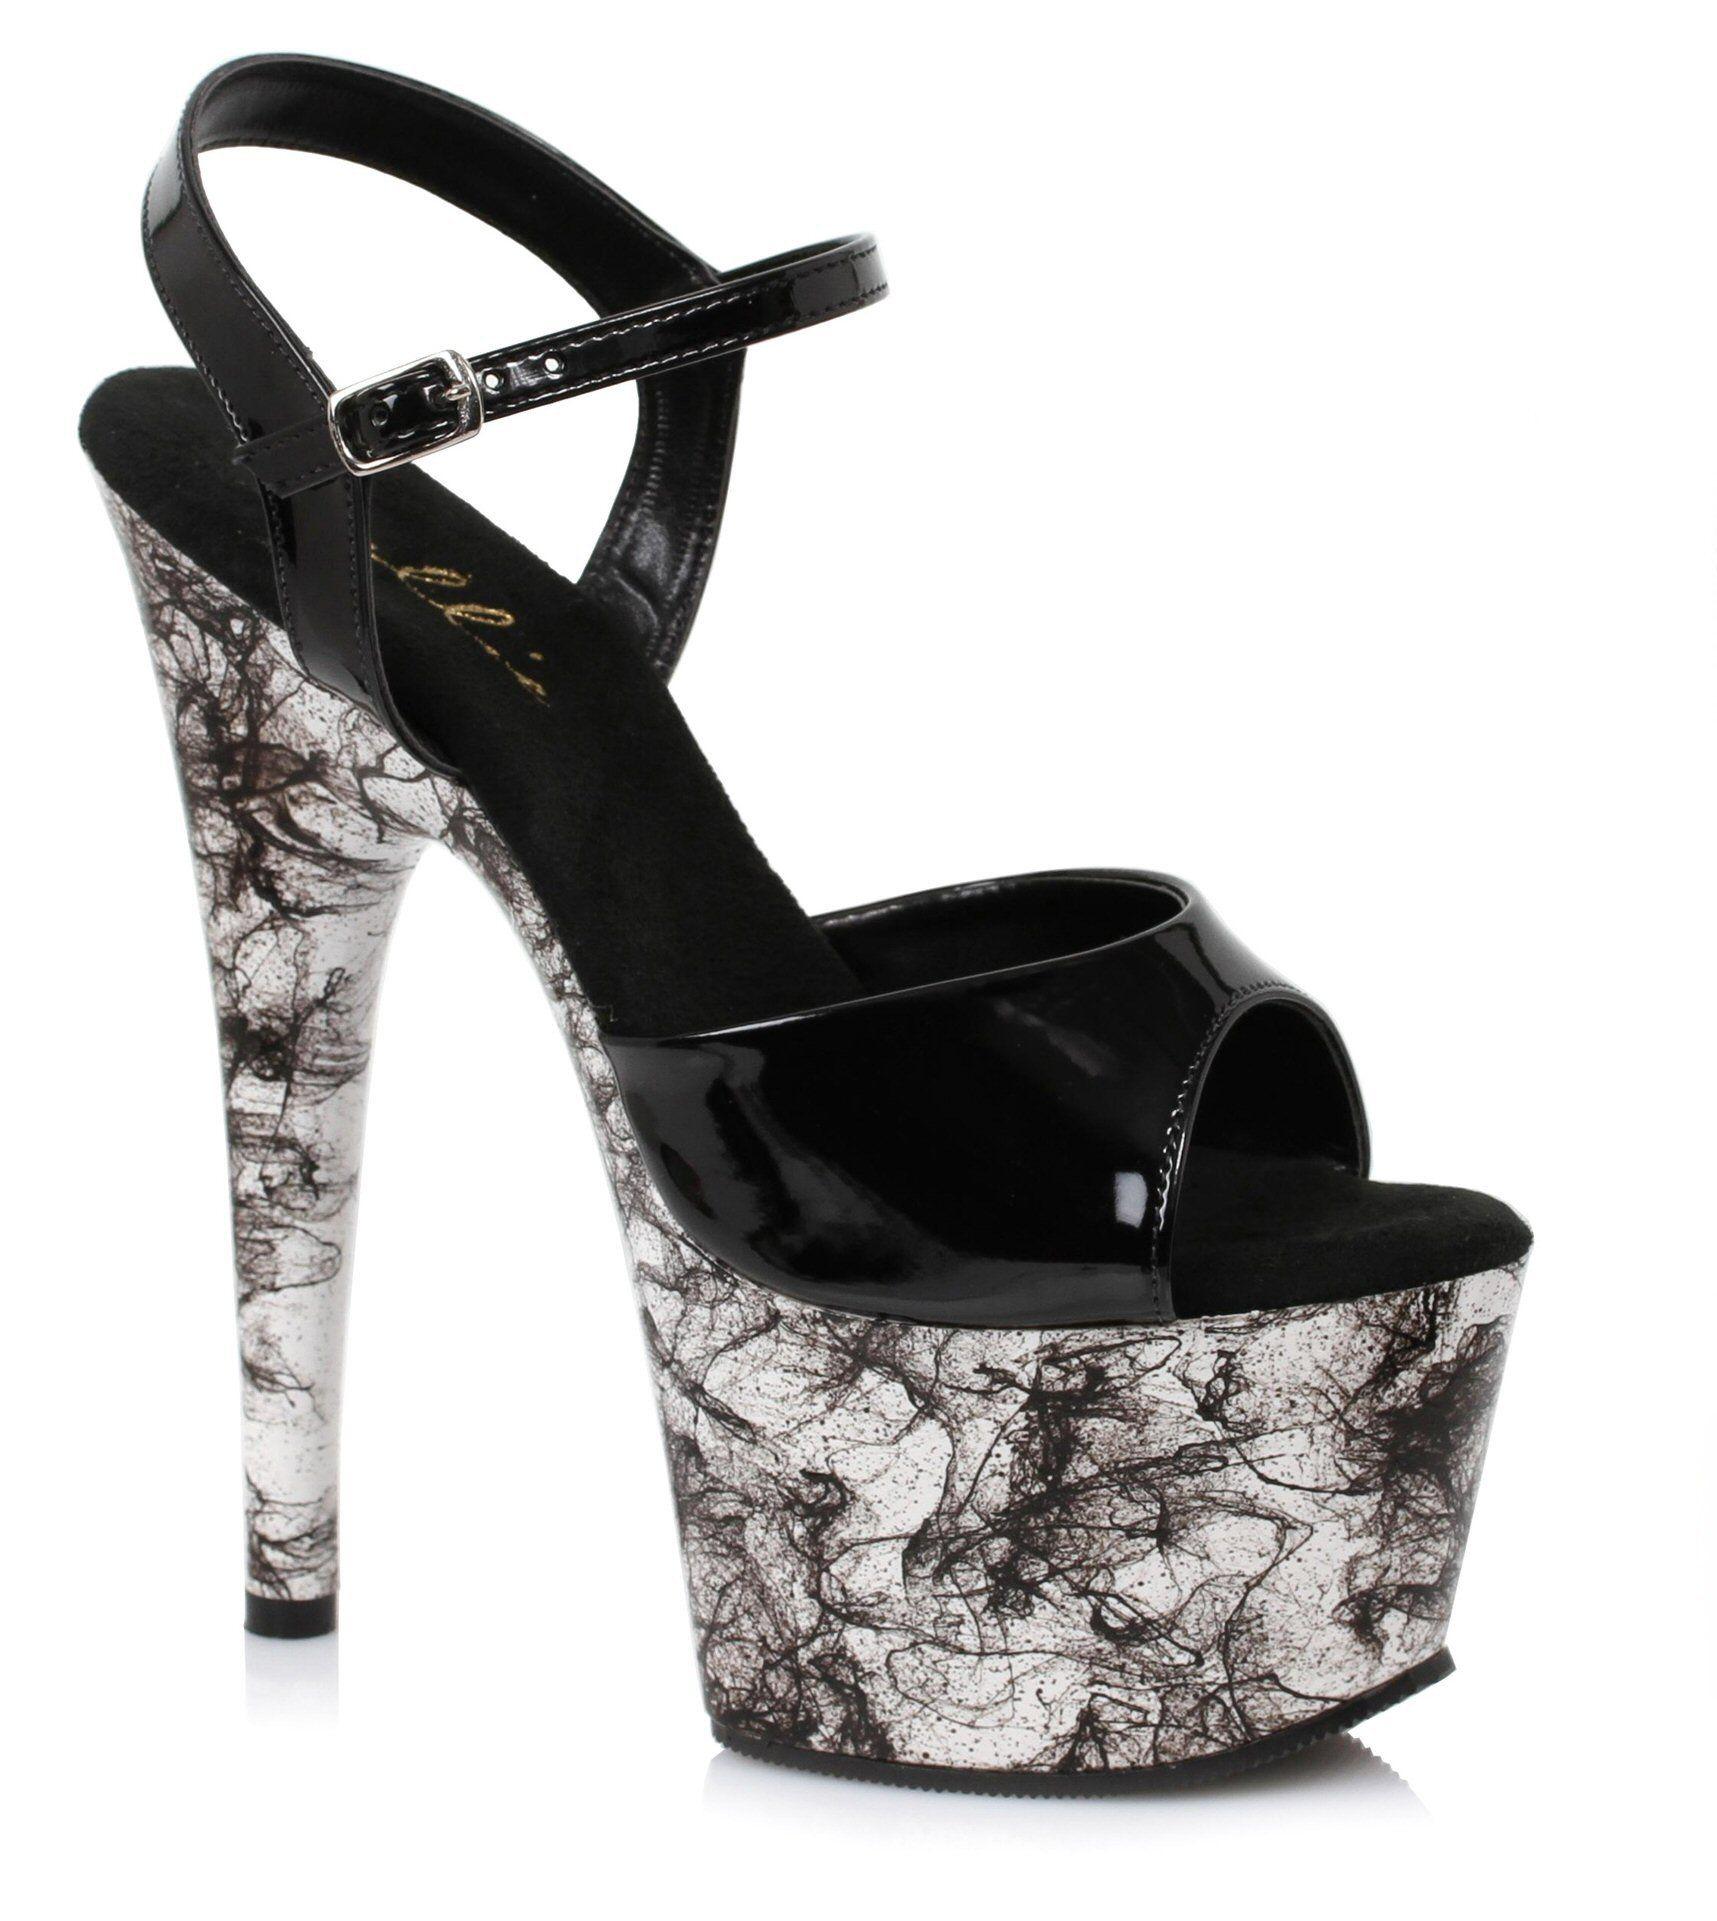 Black sandals 2 inch heel - High Heels Ellie Strappy Platform Sandals 7 Inch